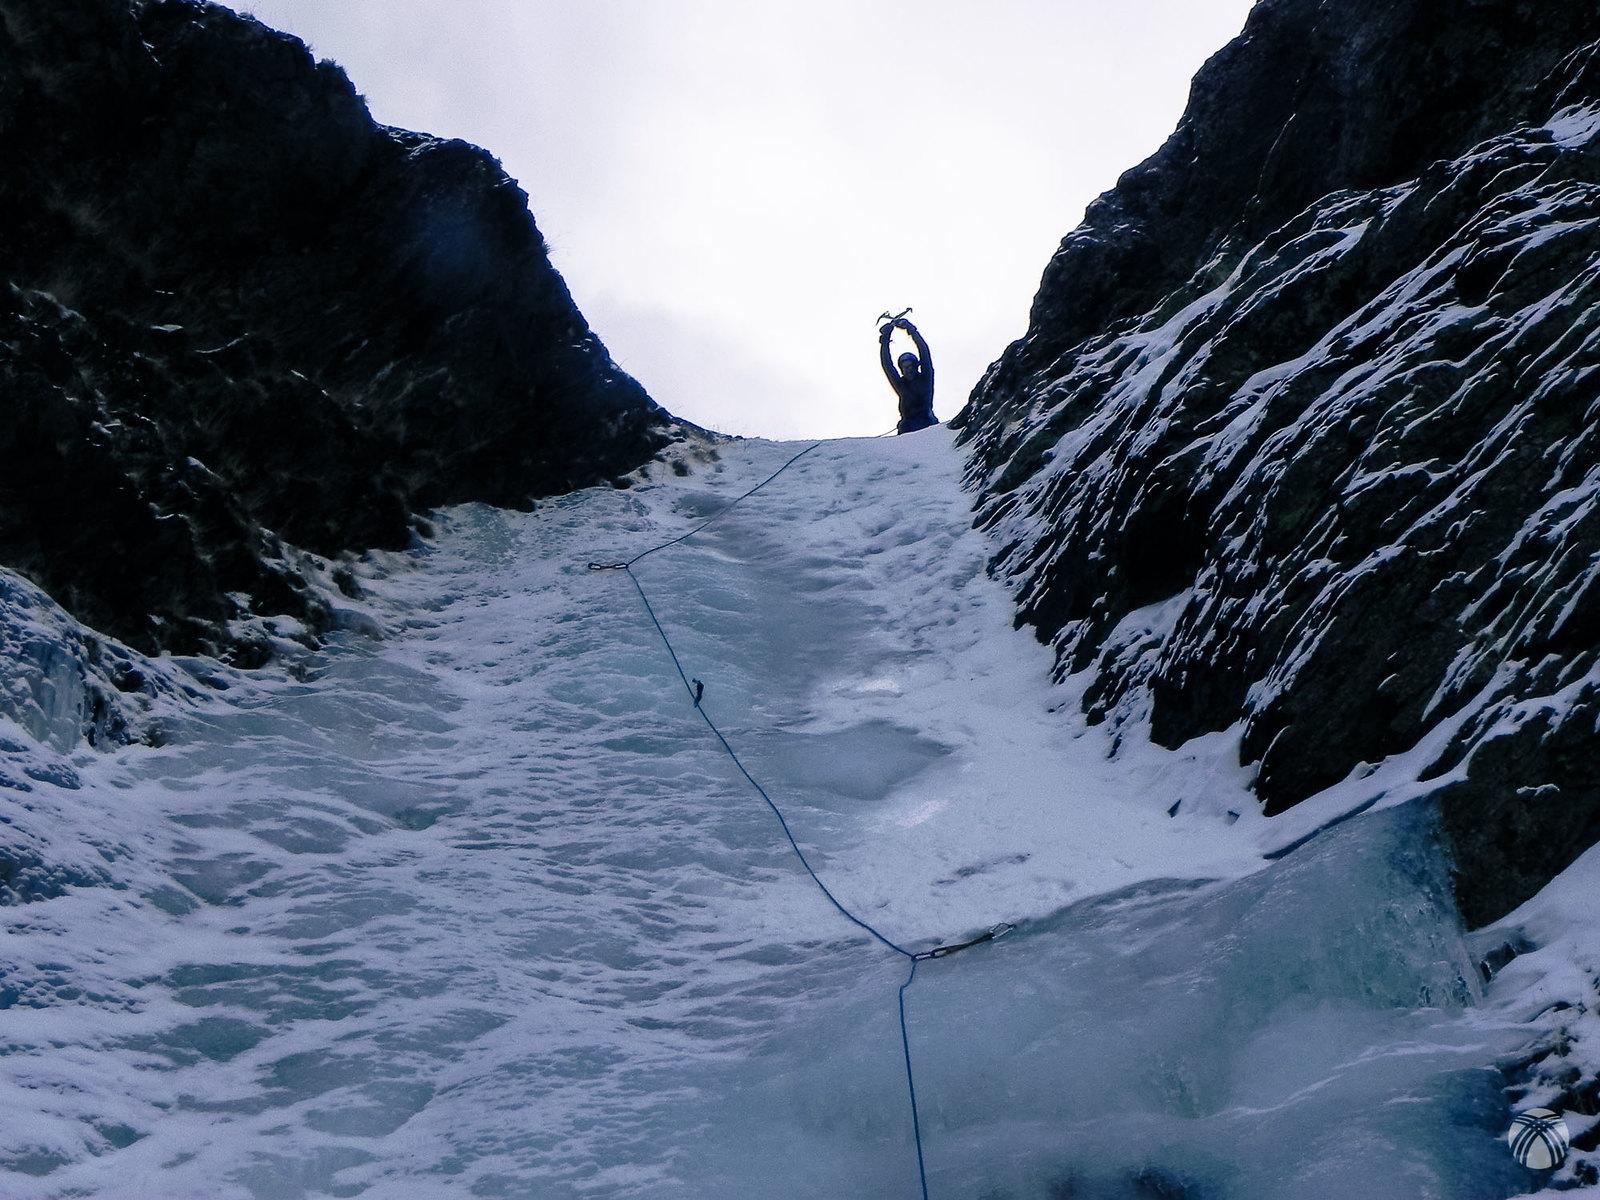 Cascada de hielo de 20 metros